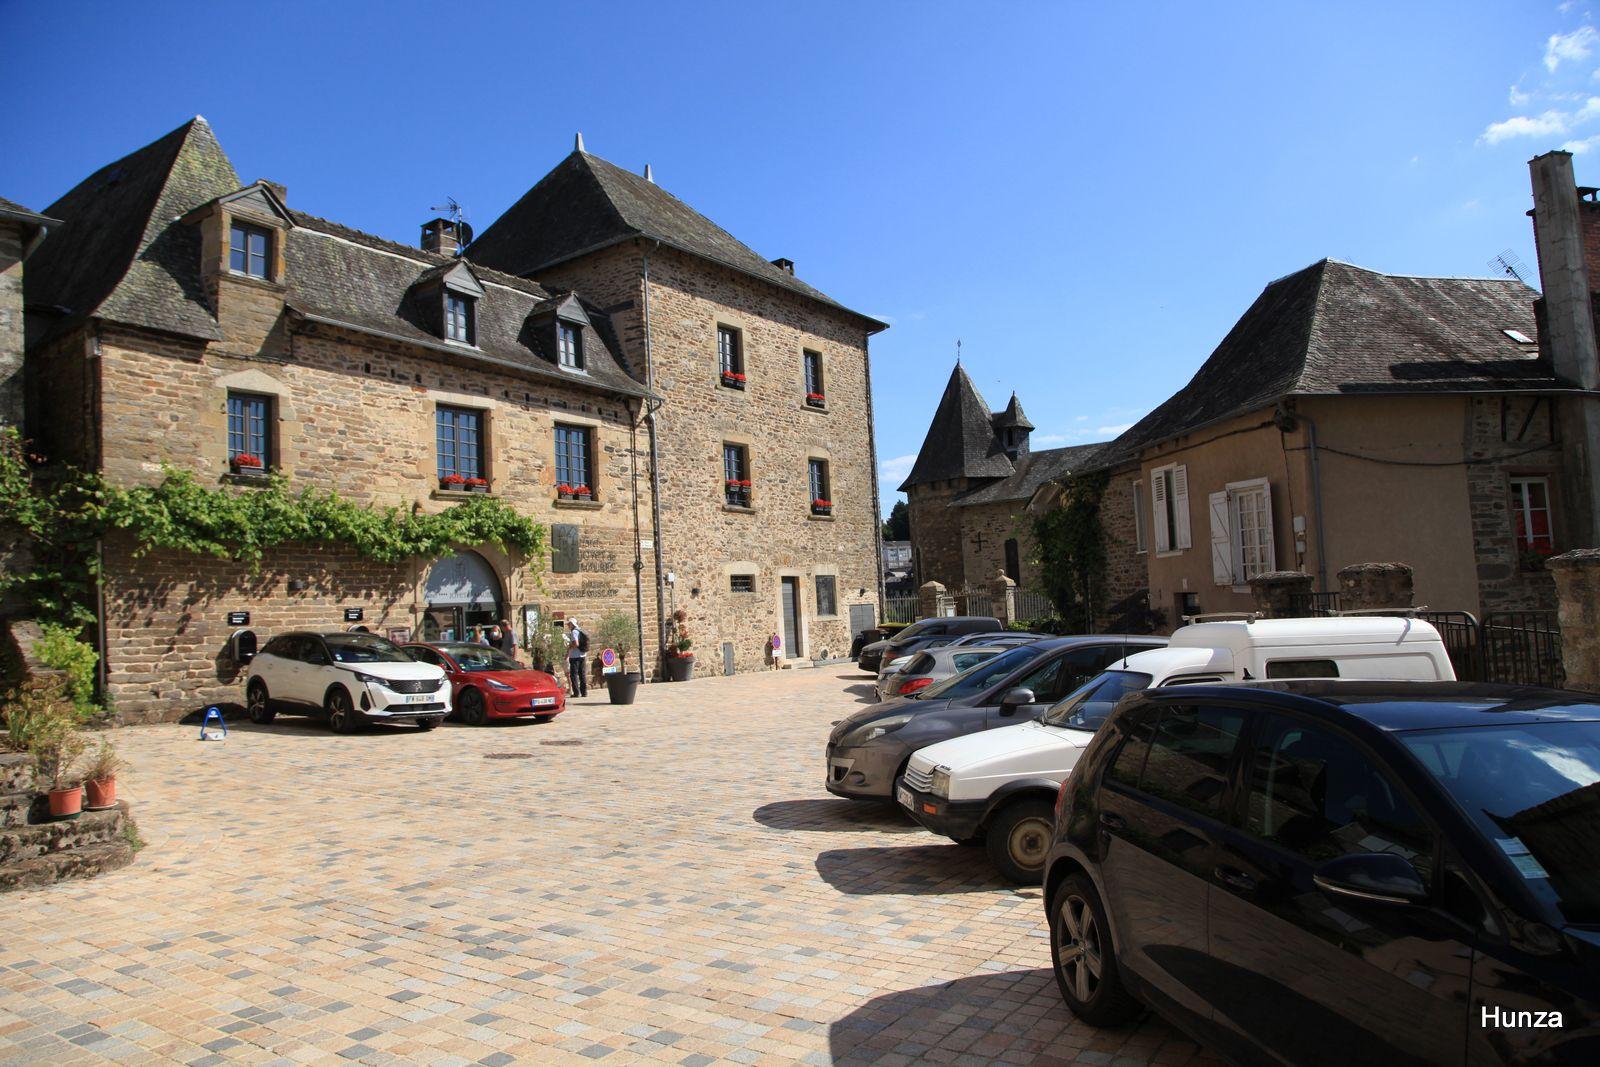 Uzerche, l'hôtel particulier Joyet de Maubec donnant sur la place des Vignerons